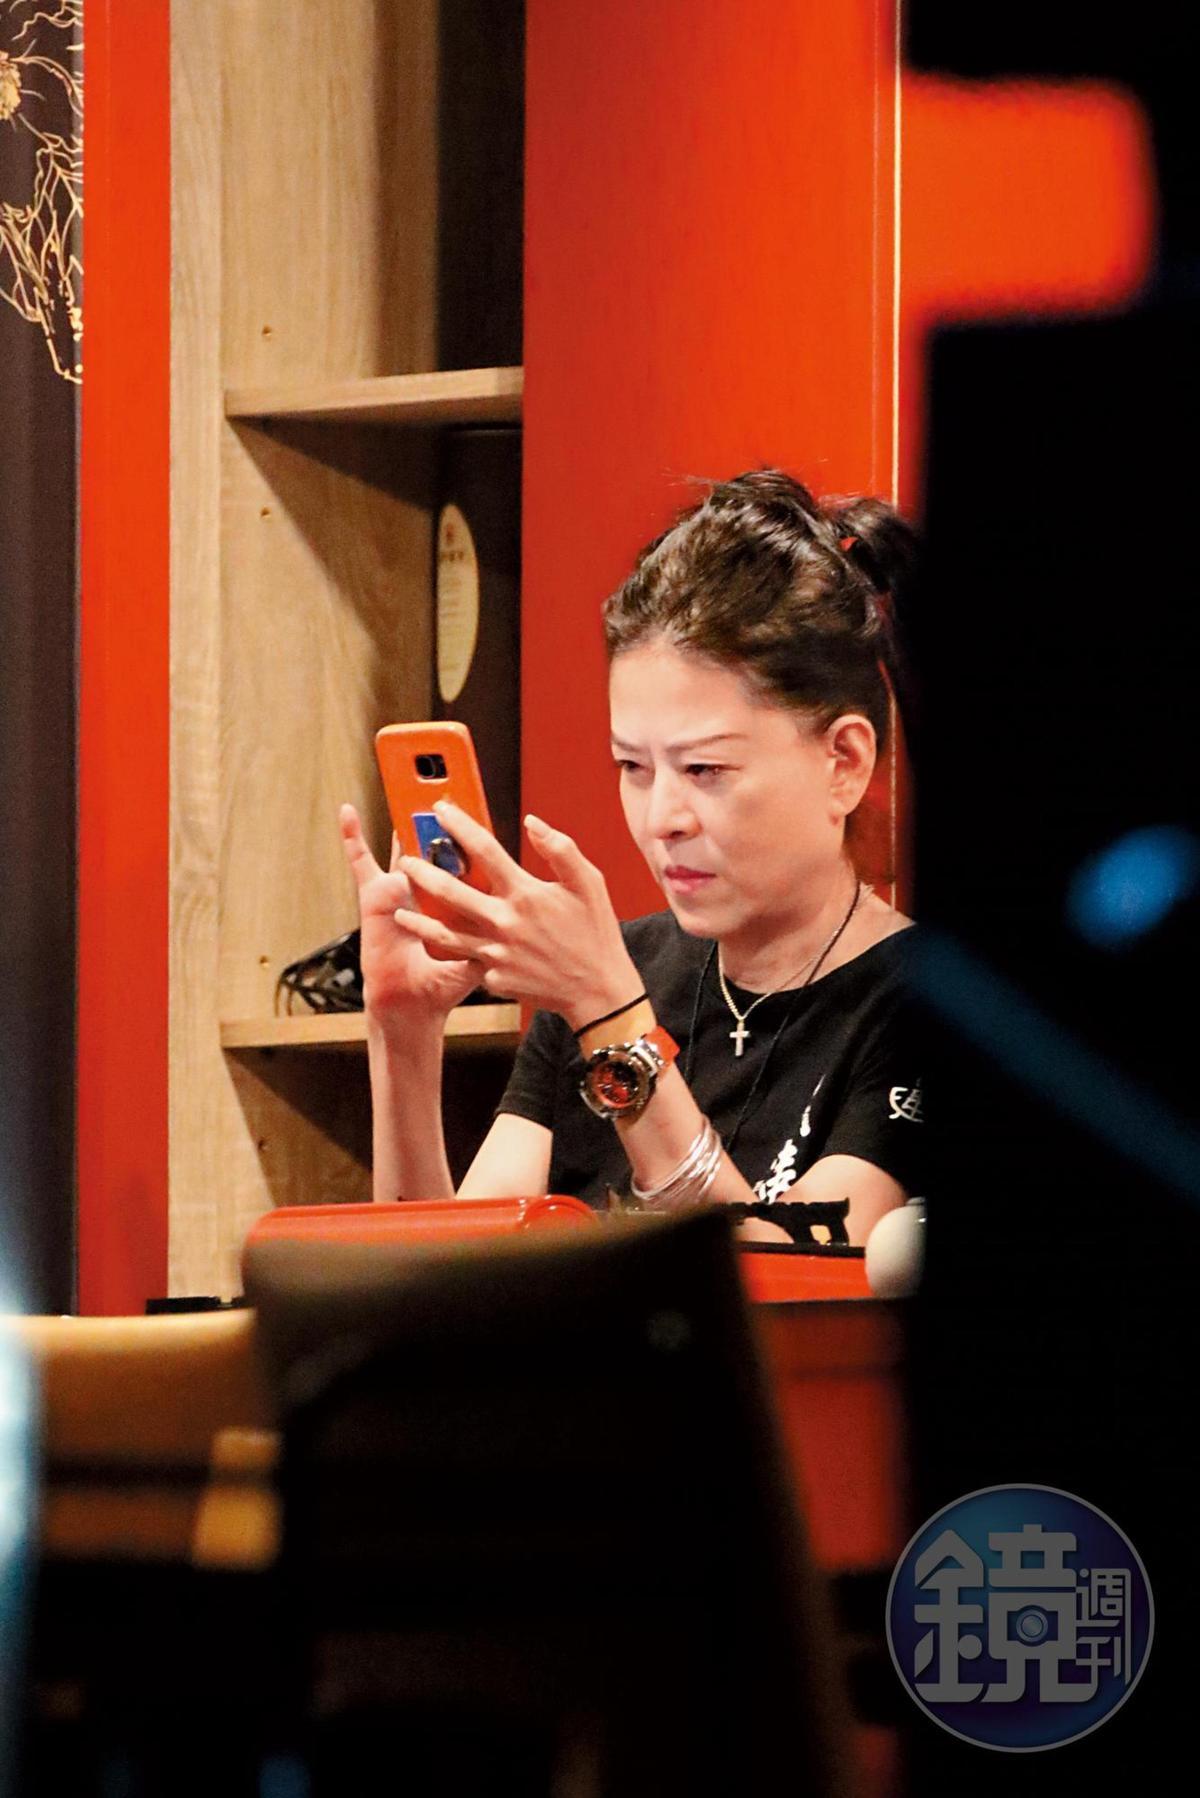 9/12 00:01 近午夜時分,餐廳內已經沒有客人,孫筱渥一人在吧台裡玩手機。